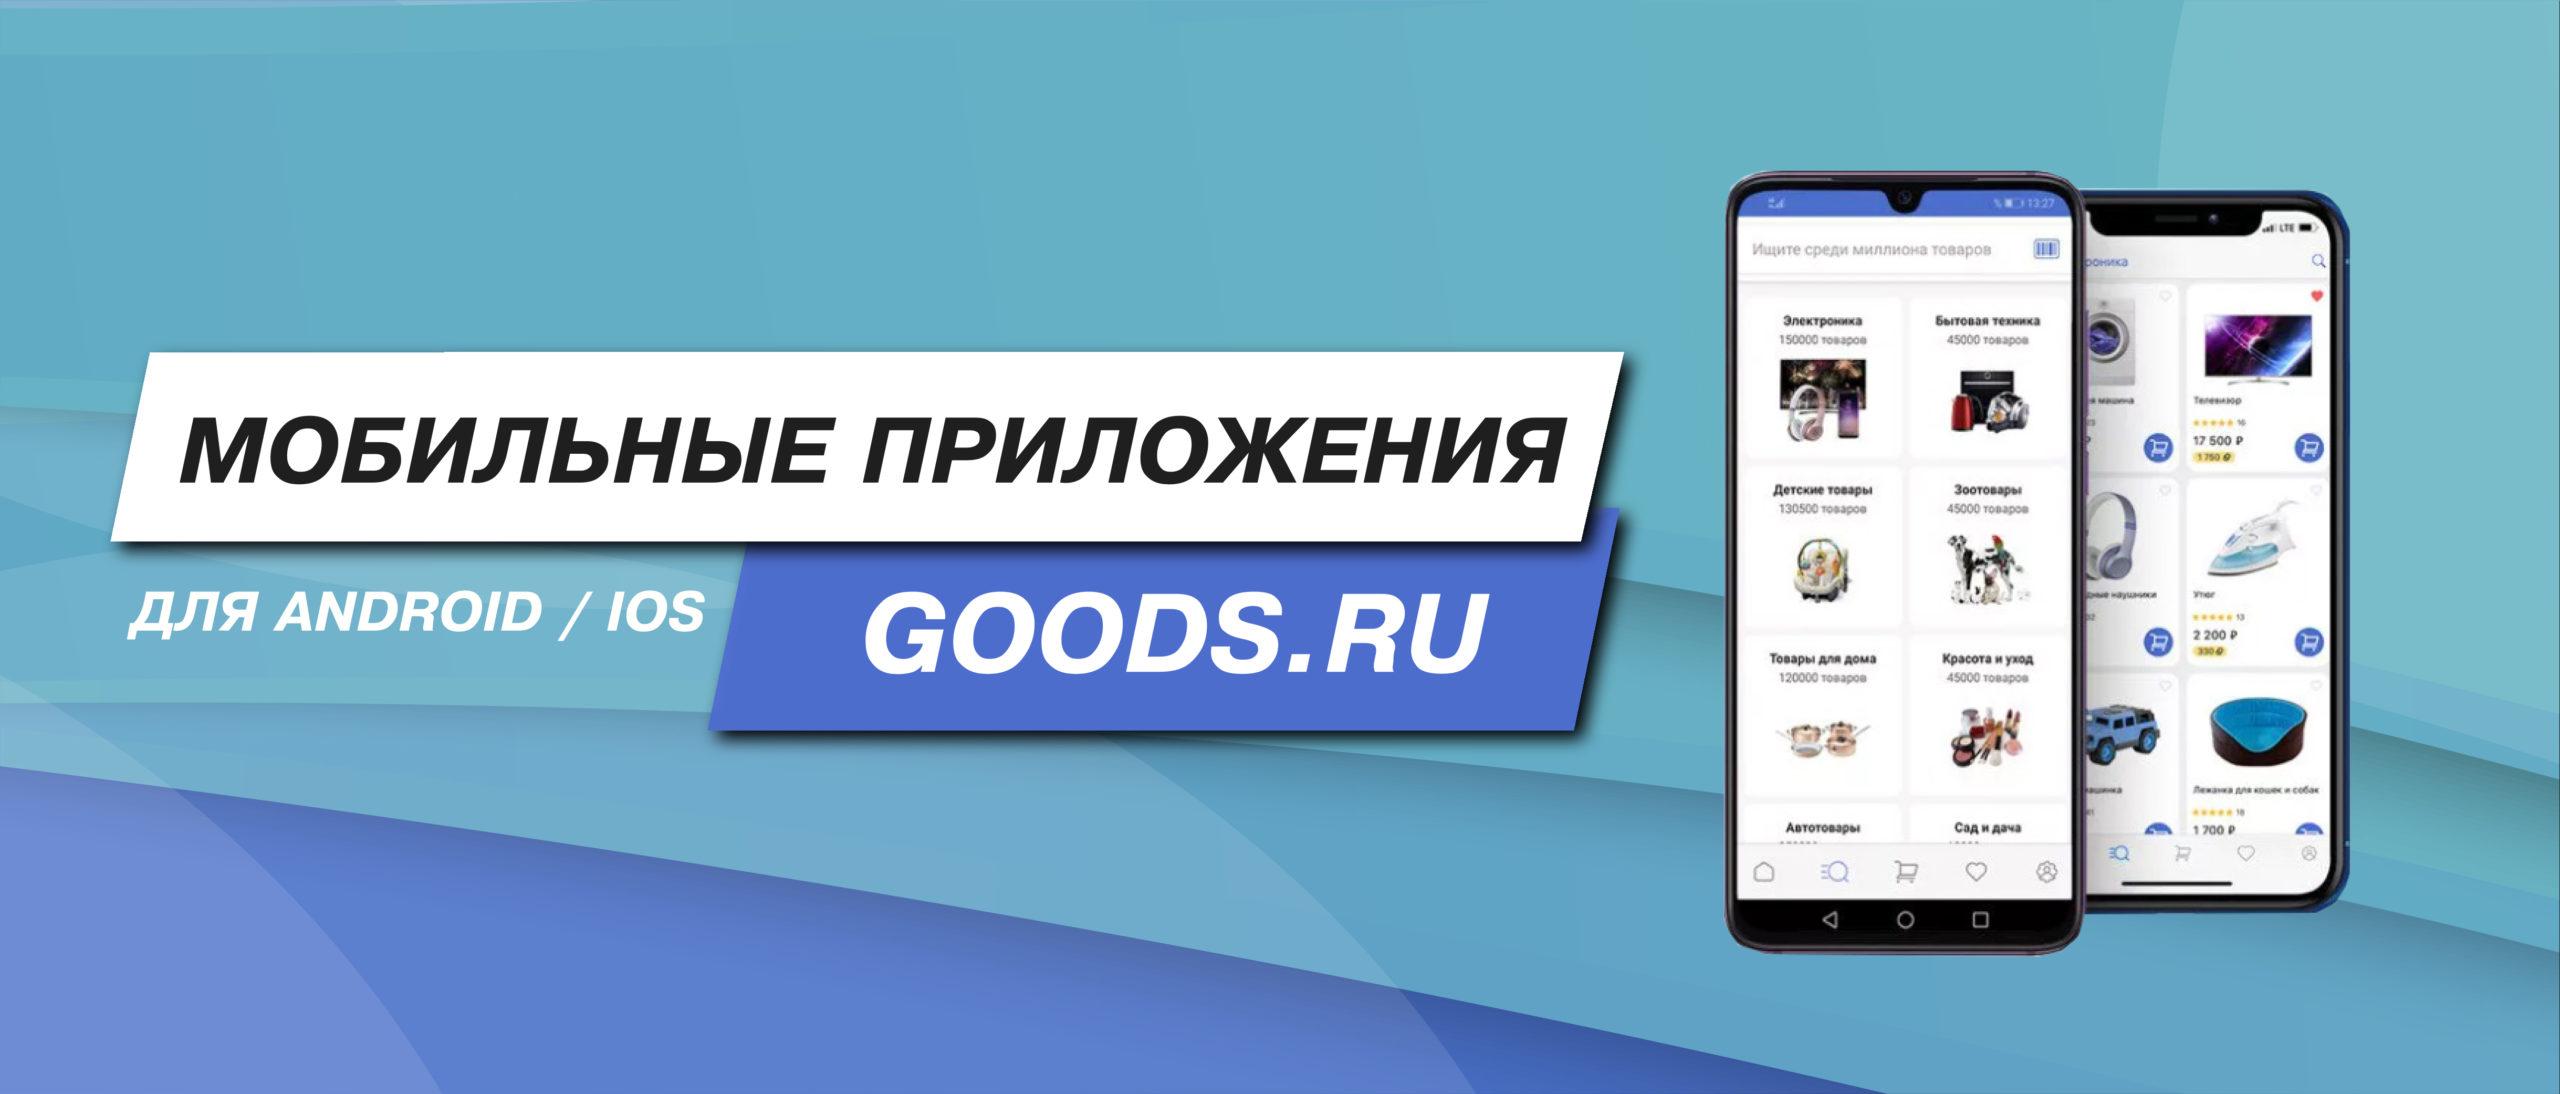 Приложения Goods